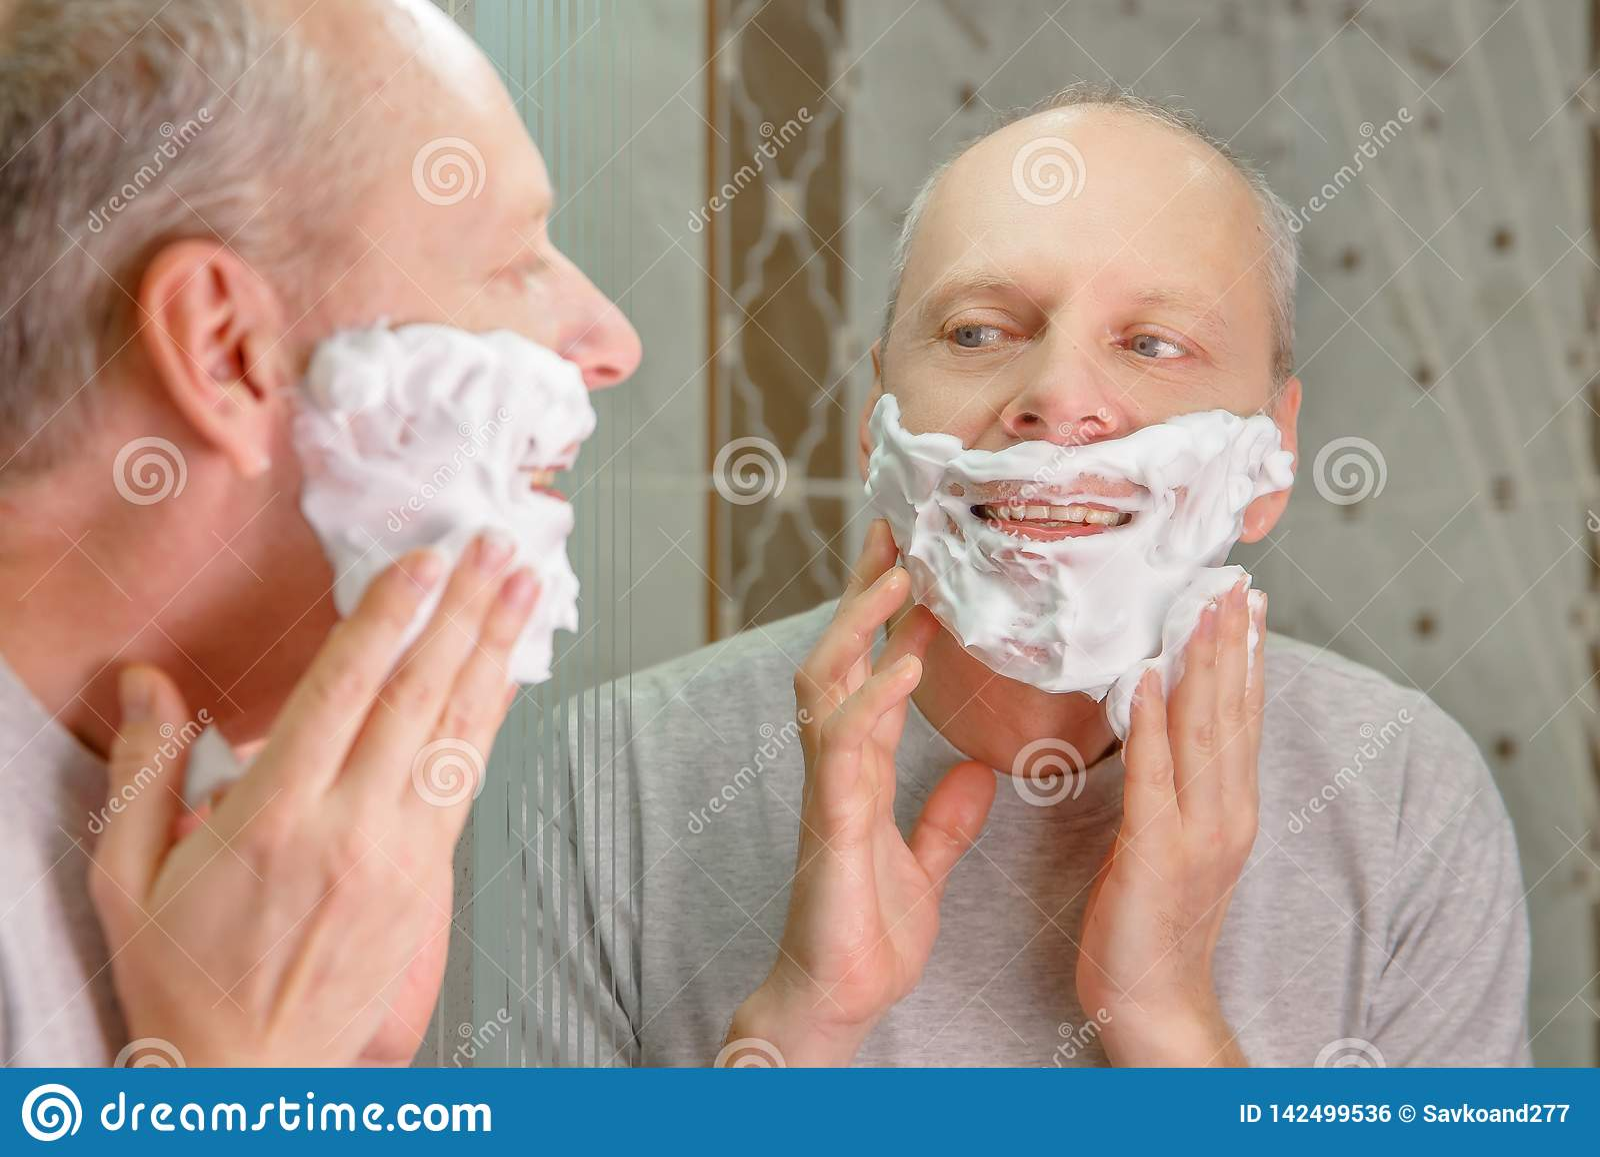 Foto eines Mannes, der sein Gesicht rasiert